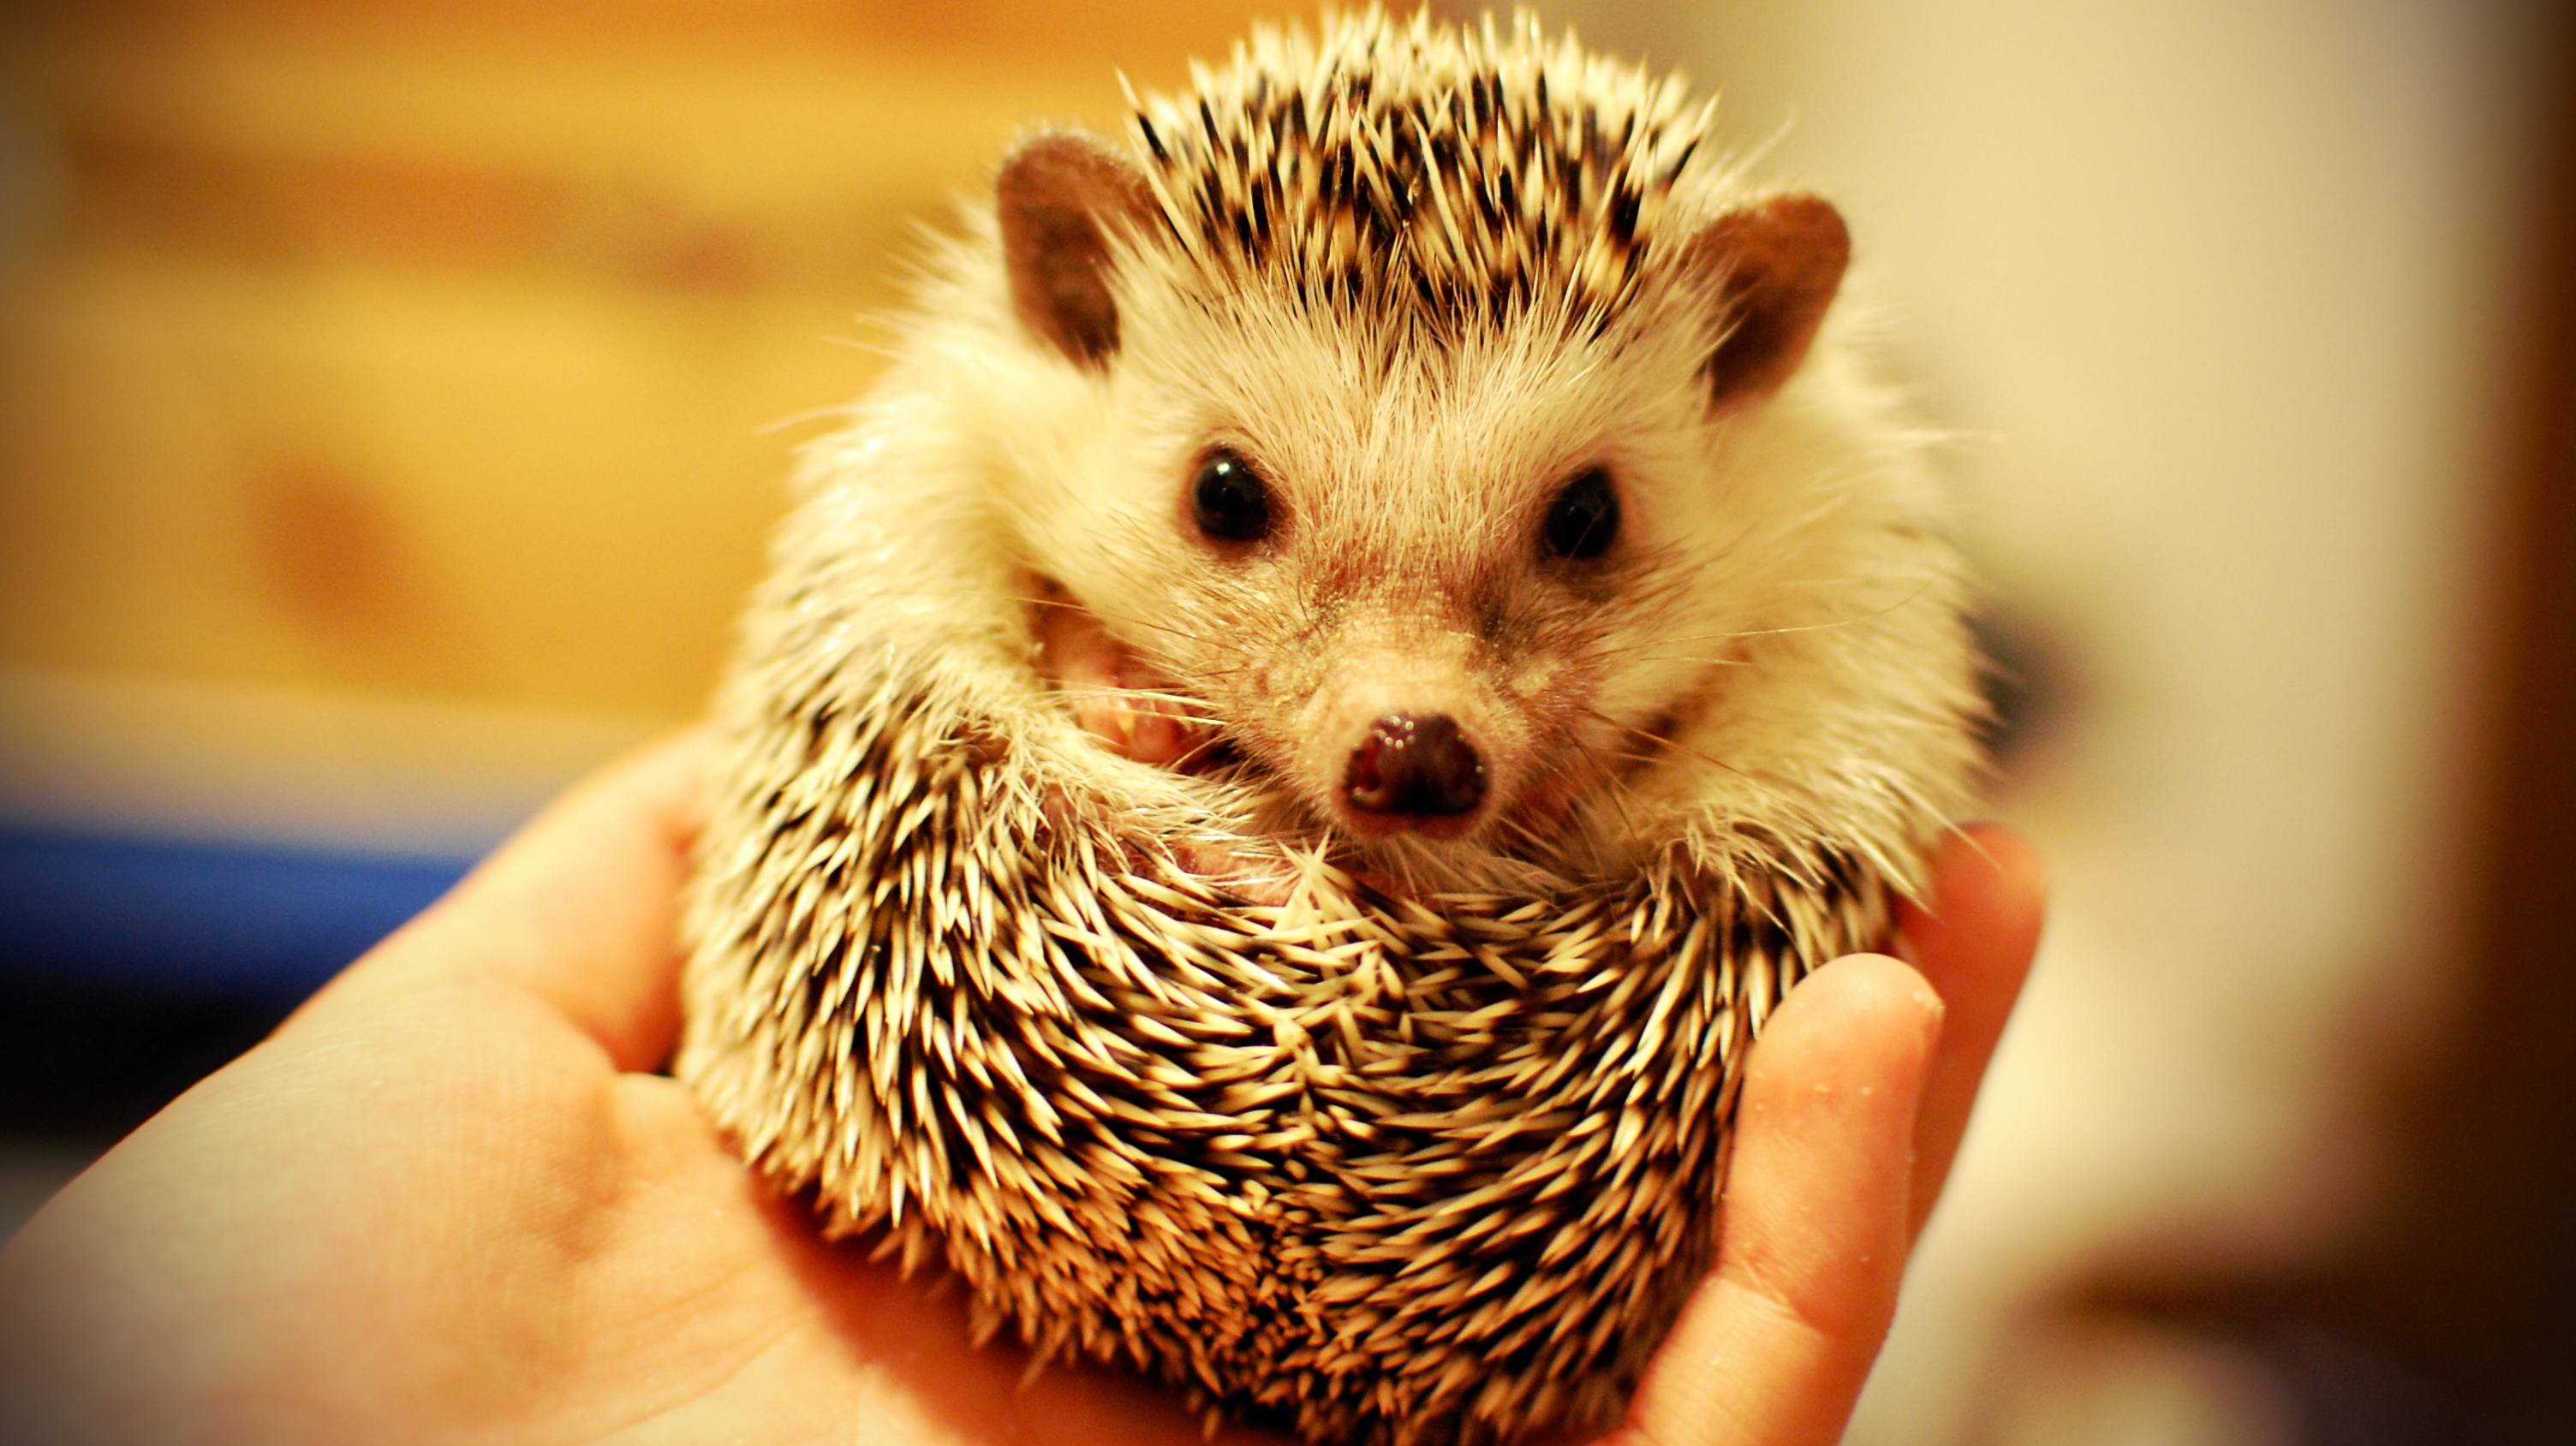 Hedgehogs (Erinaceidae)